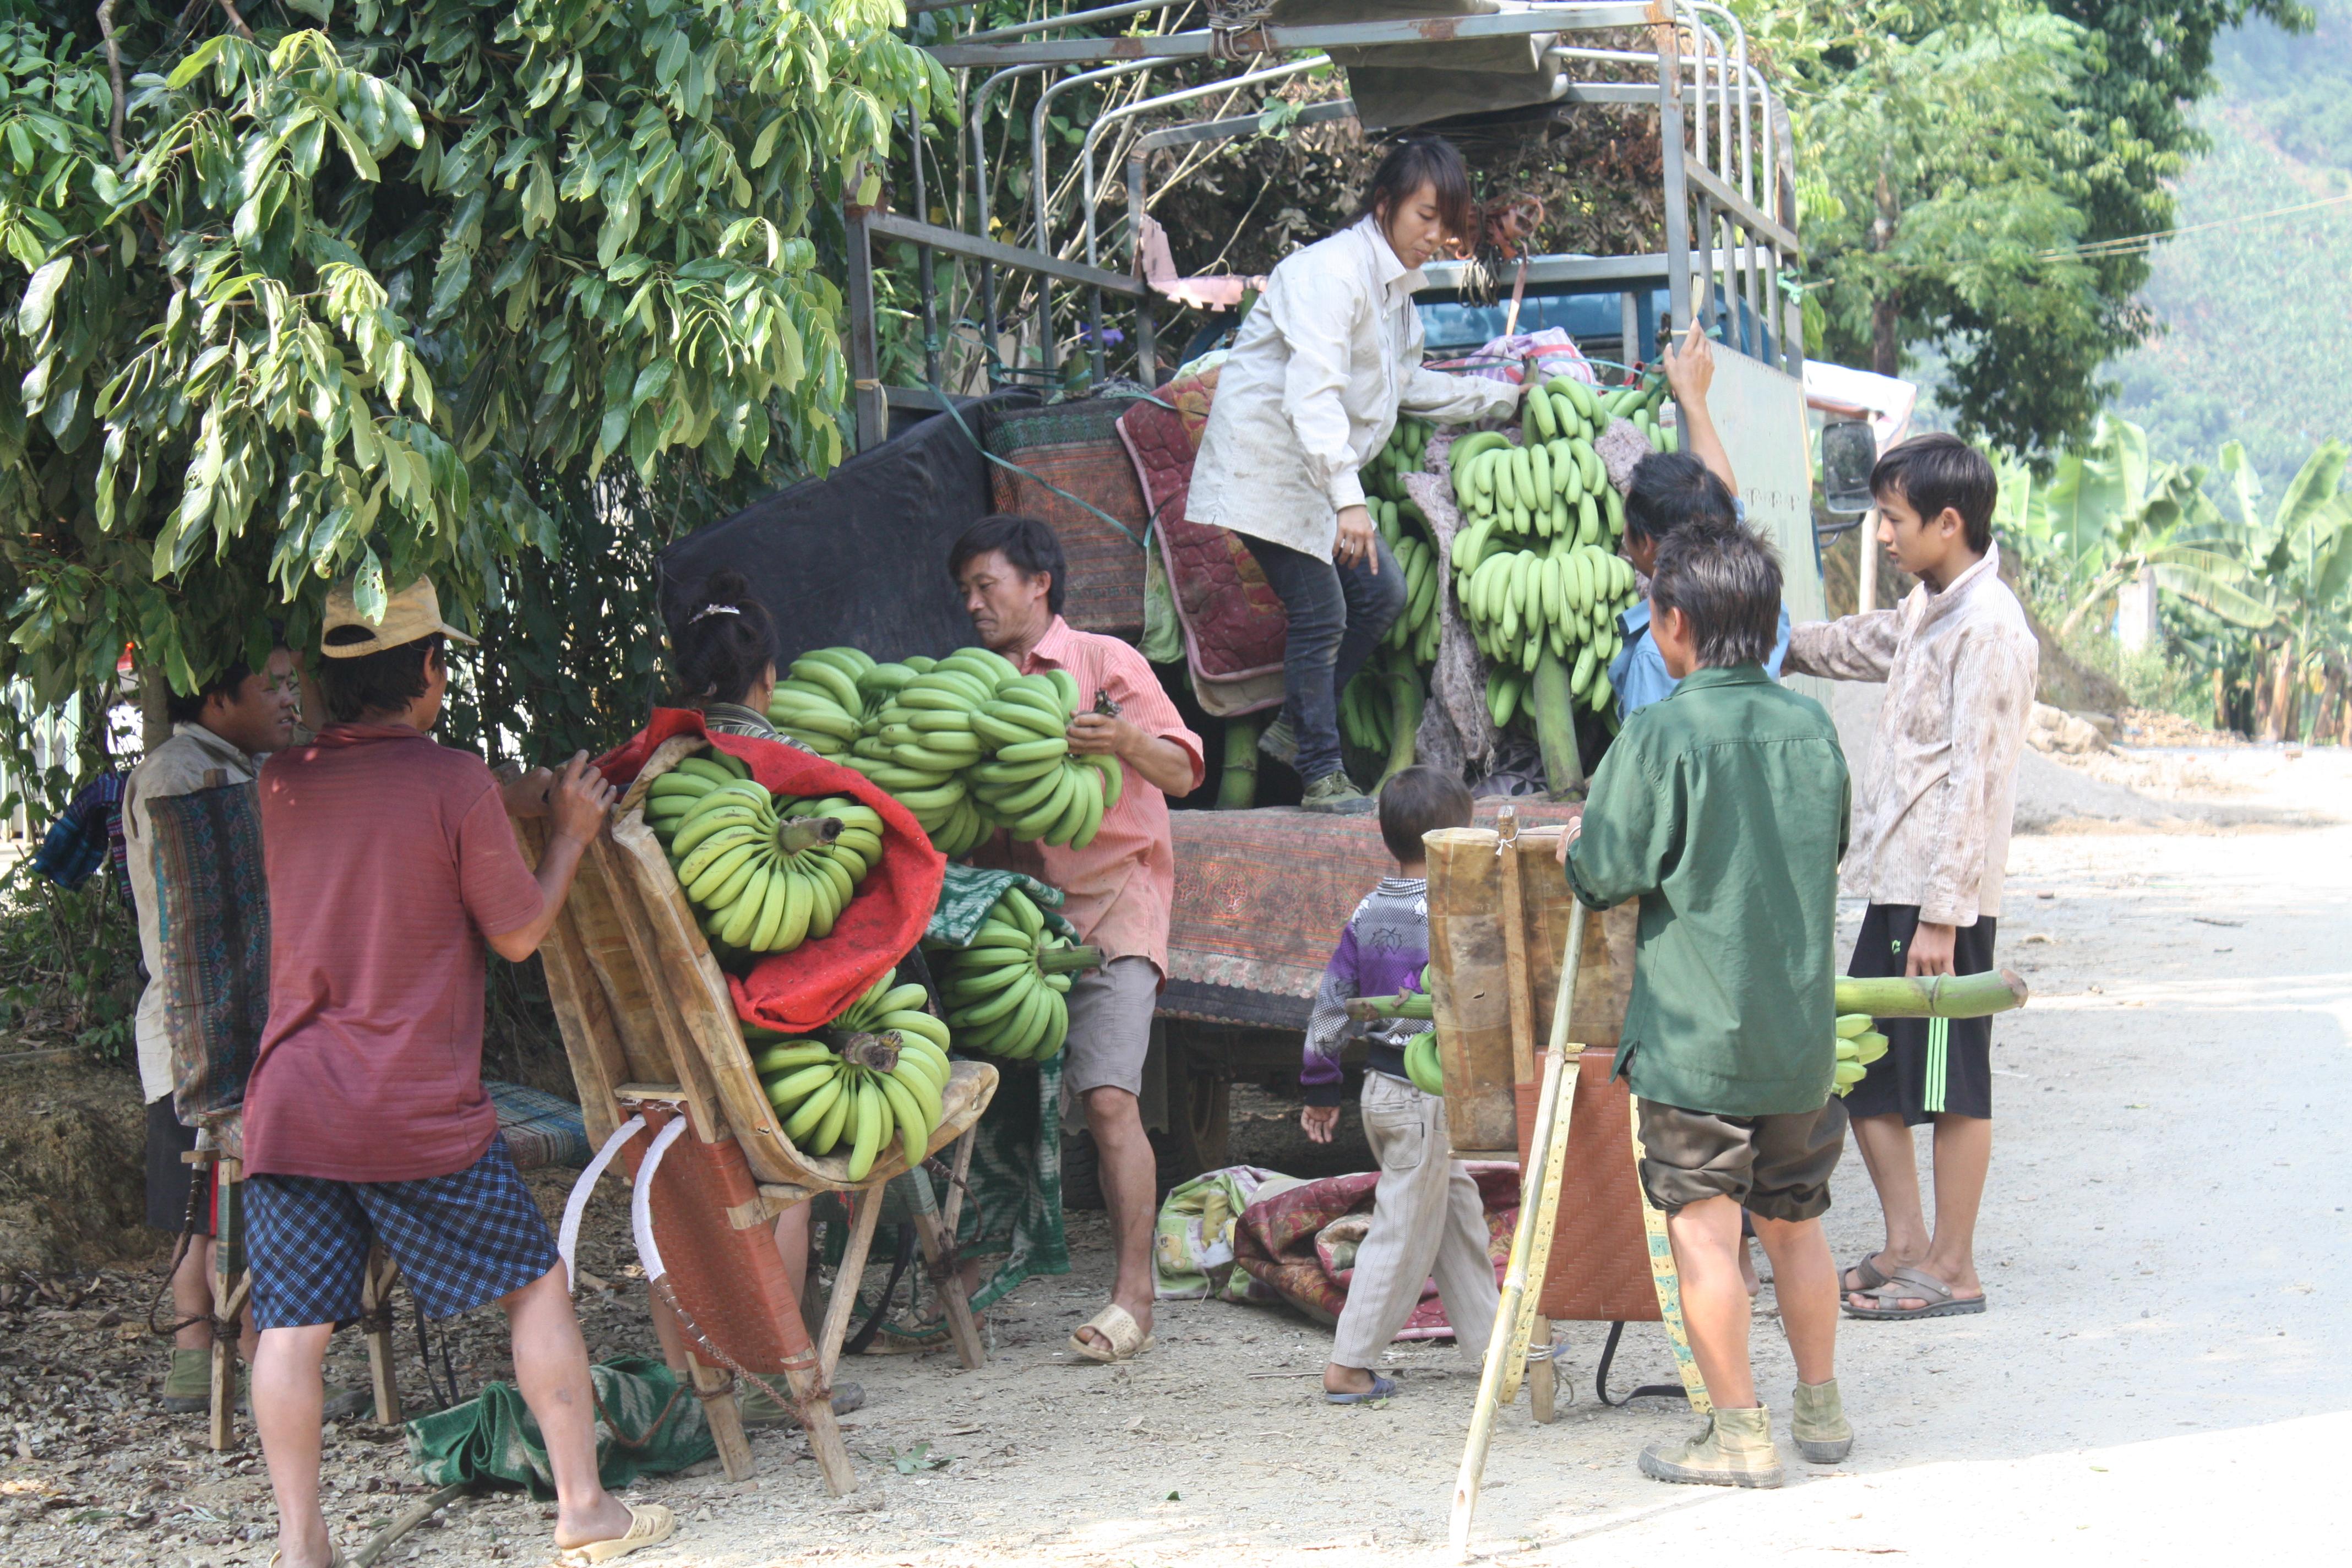 Cây chuối đã và đang mang lại thu nhập cao cho bà con nhân dân ở Cốc Lầy